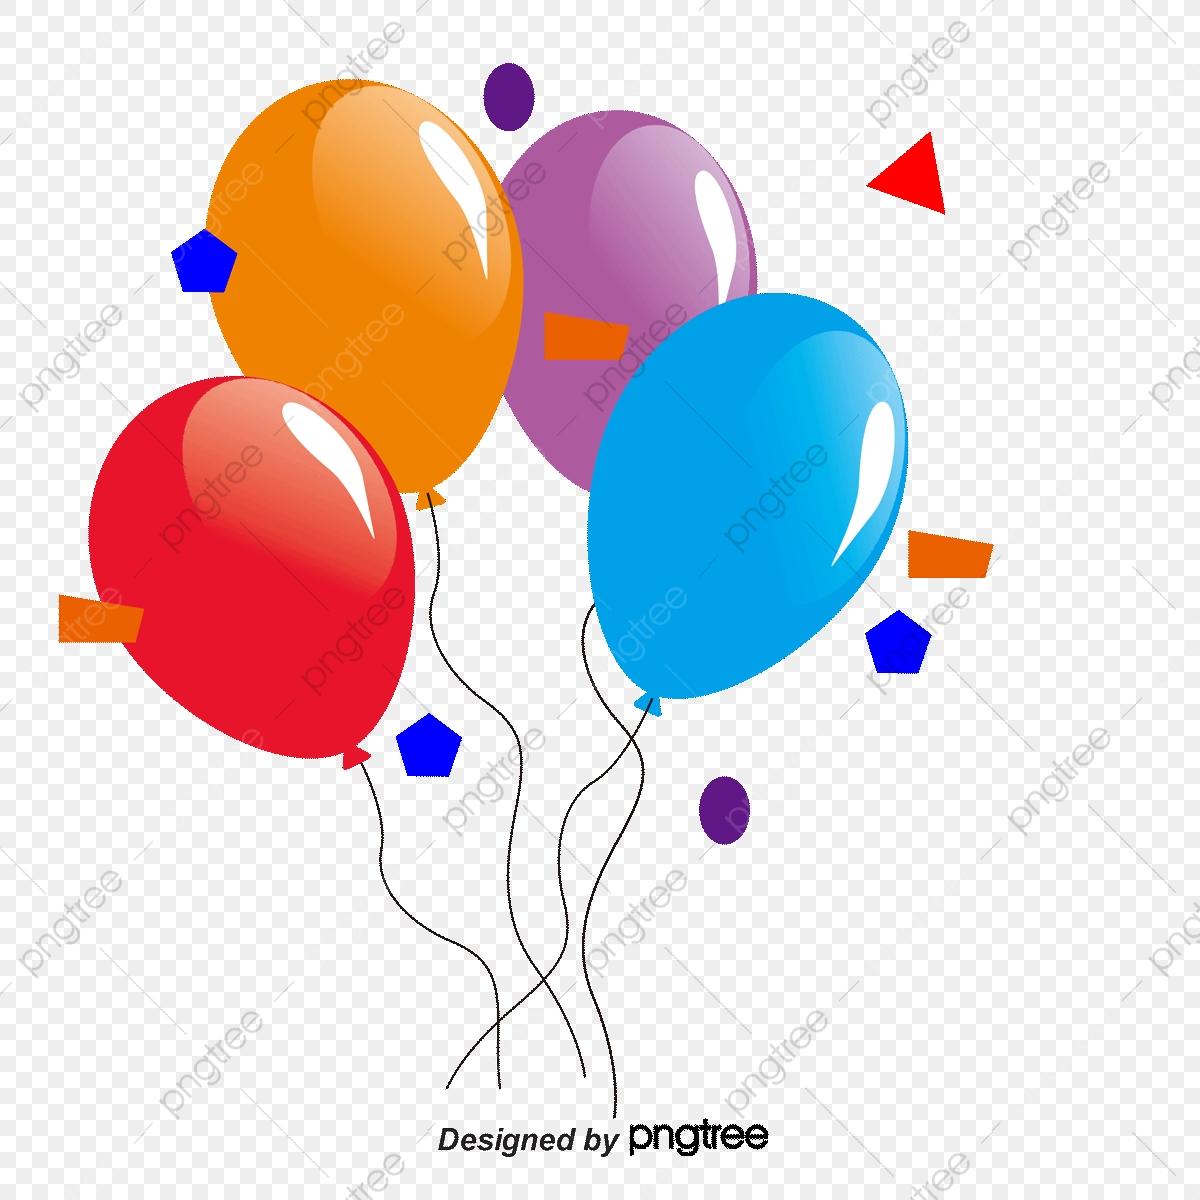 Festival De Balões Balões Coloridos, Balão De Cor, O Pano De Fundo.